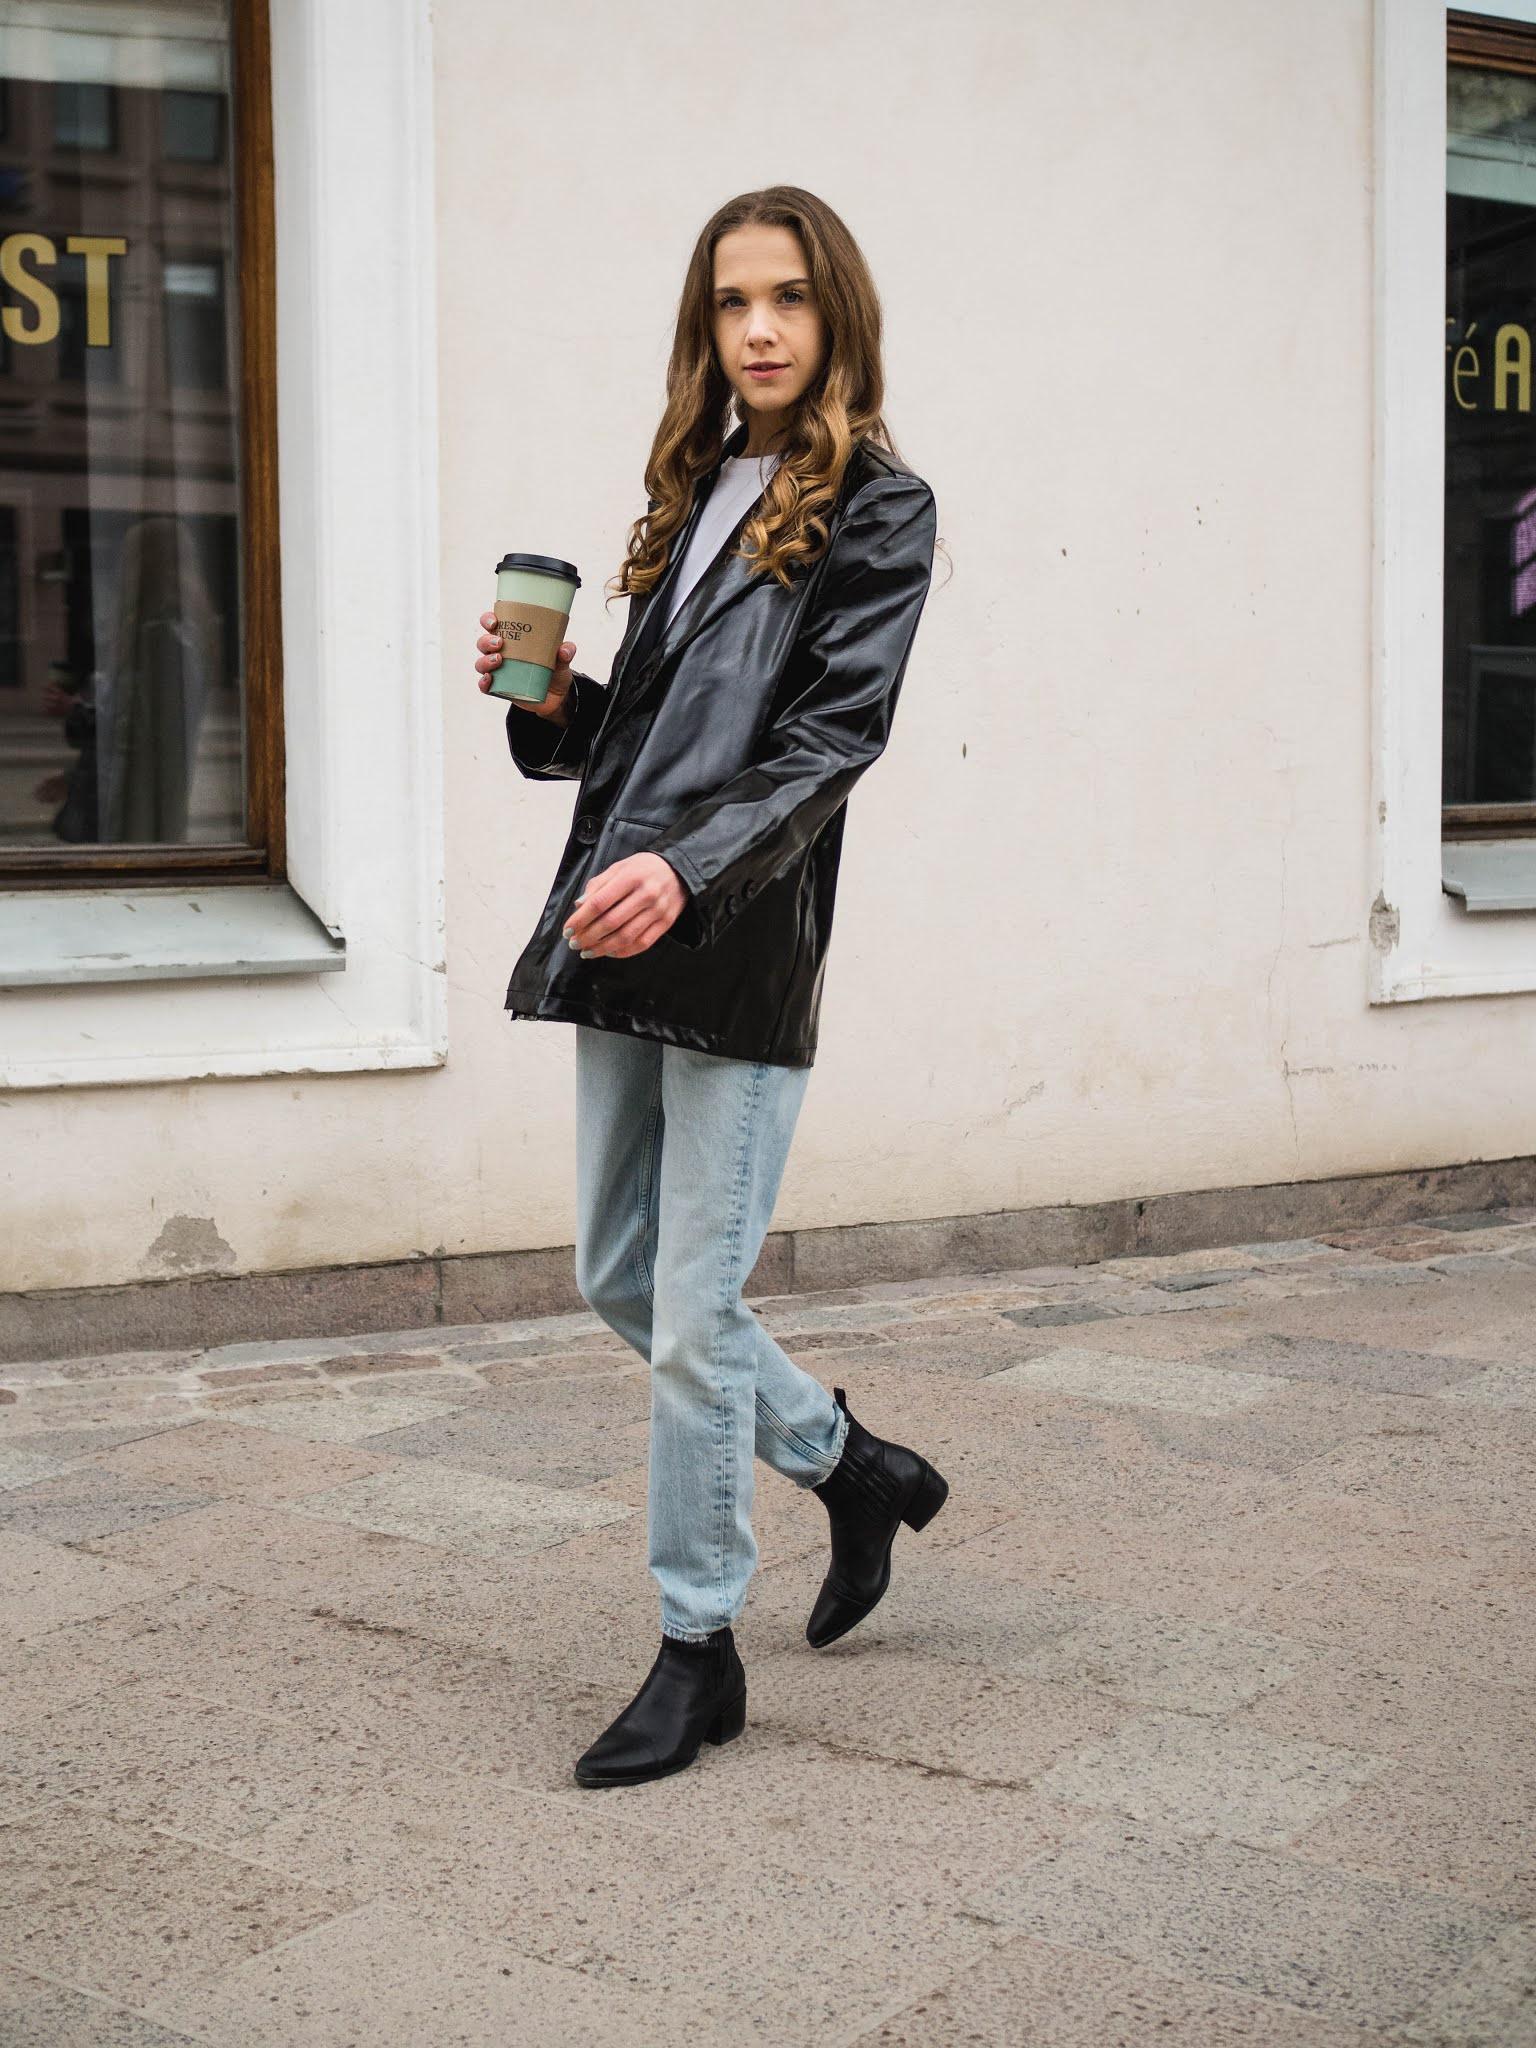 Tekonahkableiseri, valkoinen T-paita, farkut ja nilkkurit // Faux leather blazer, white t-shirt, light wash jeans and ankle boots